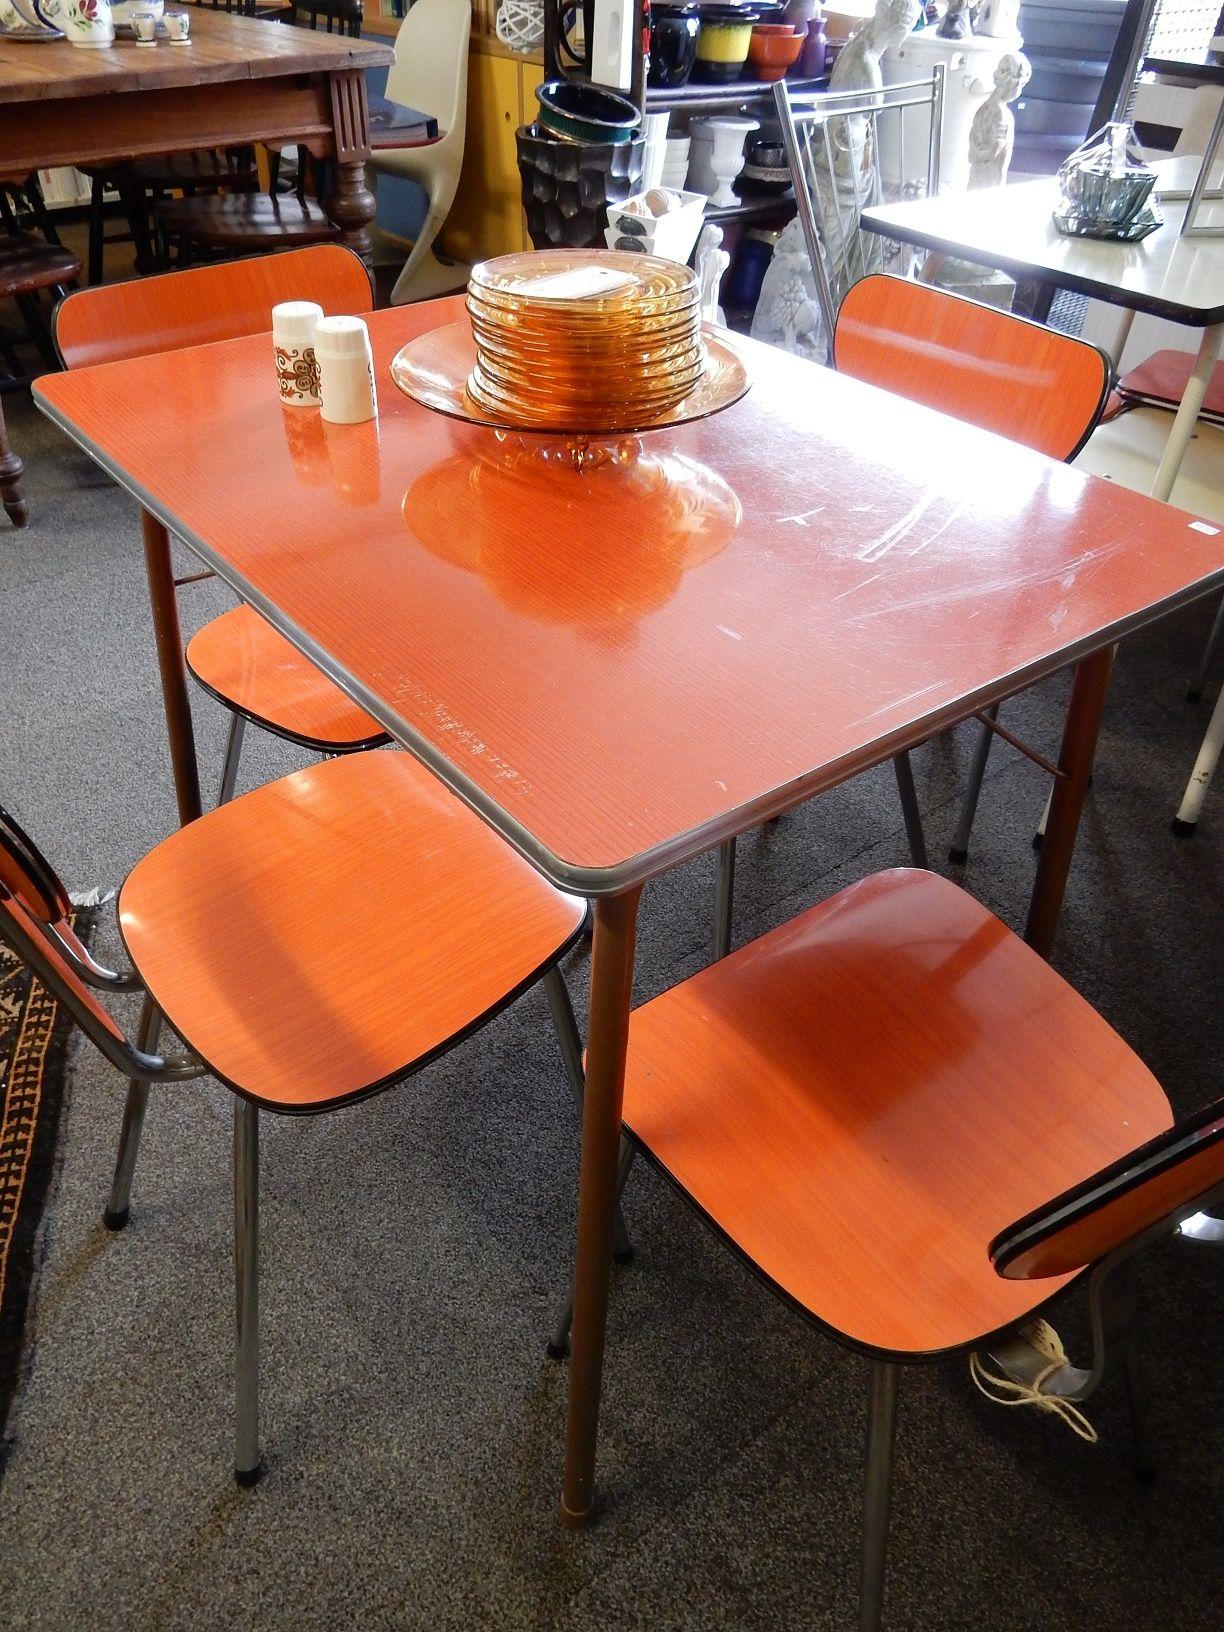 Oranje Formica keukenset met vier eetstoelen en een krukje Prjs